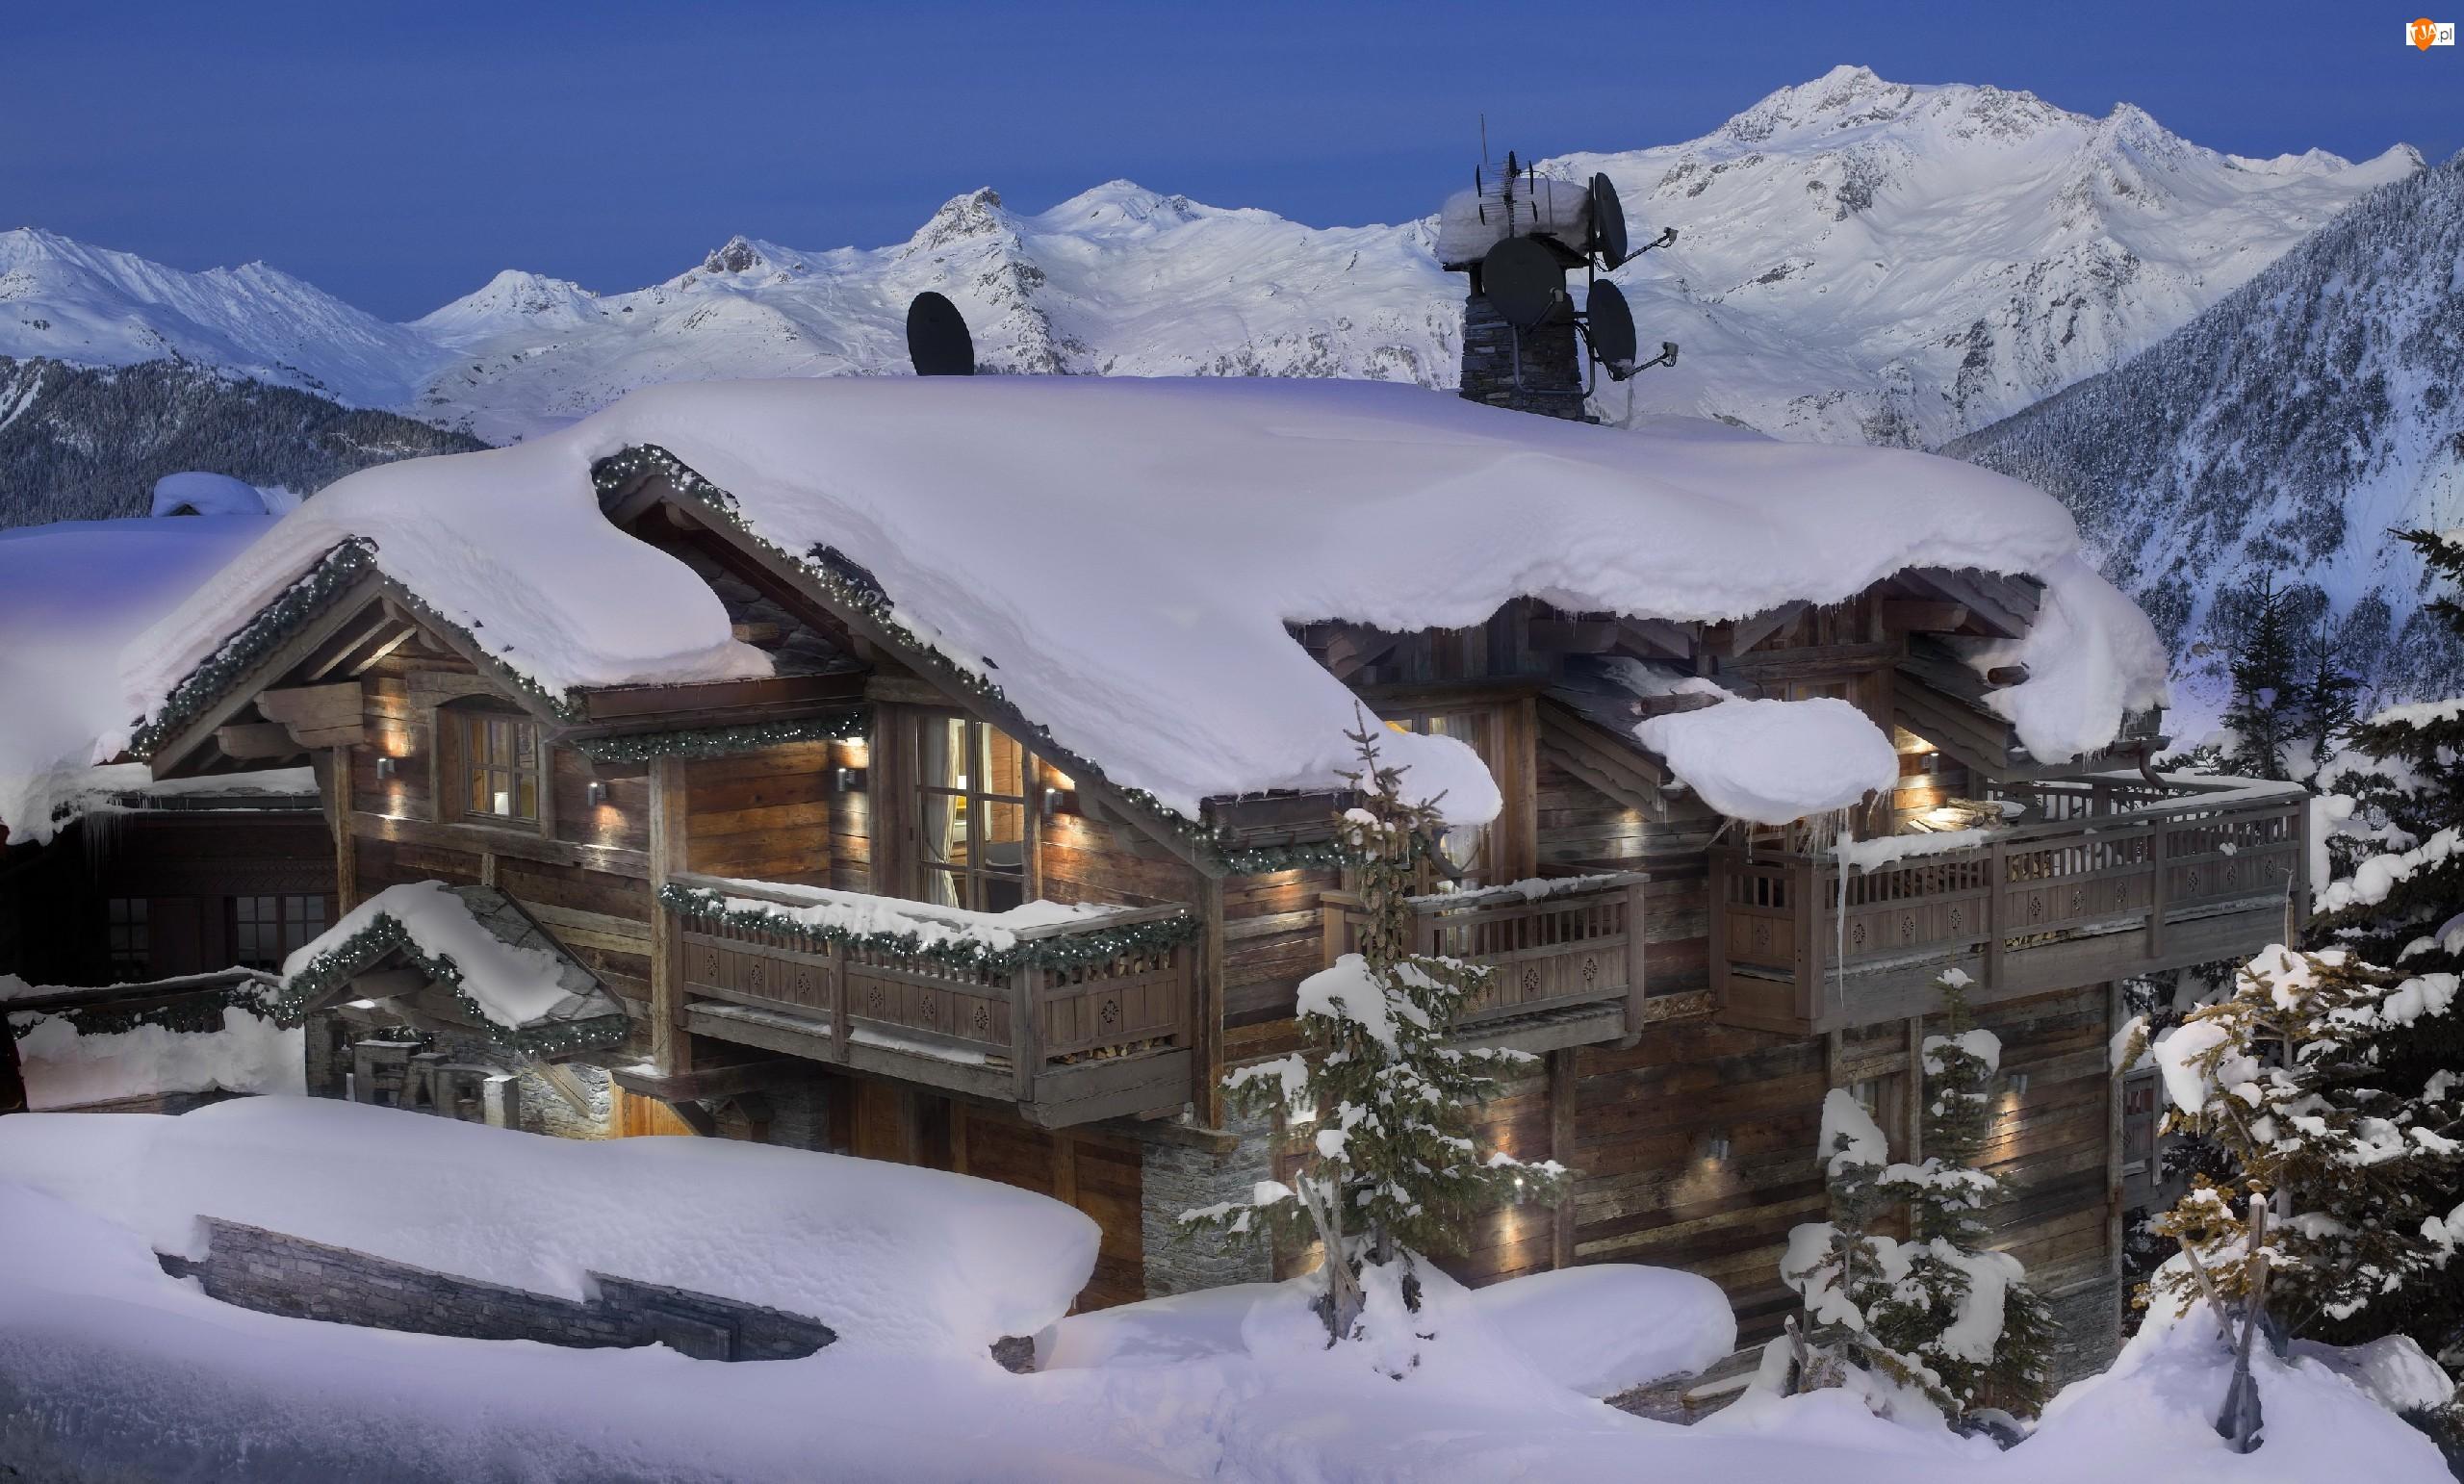 Dom, Śnieg, Góry, Drzewa